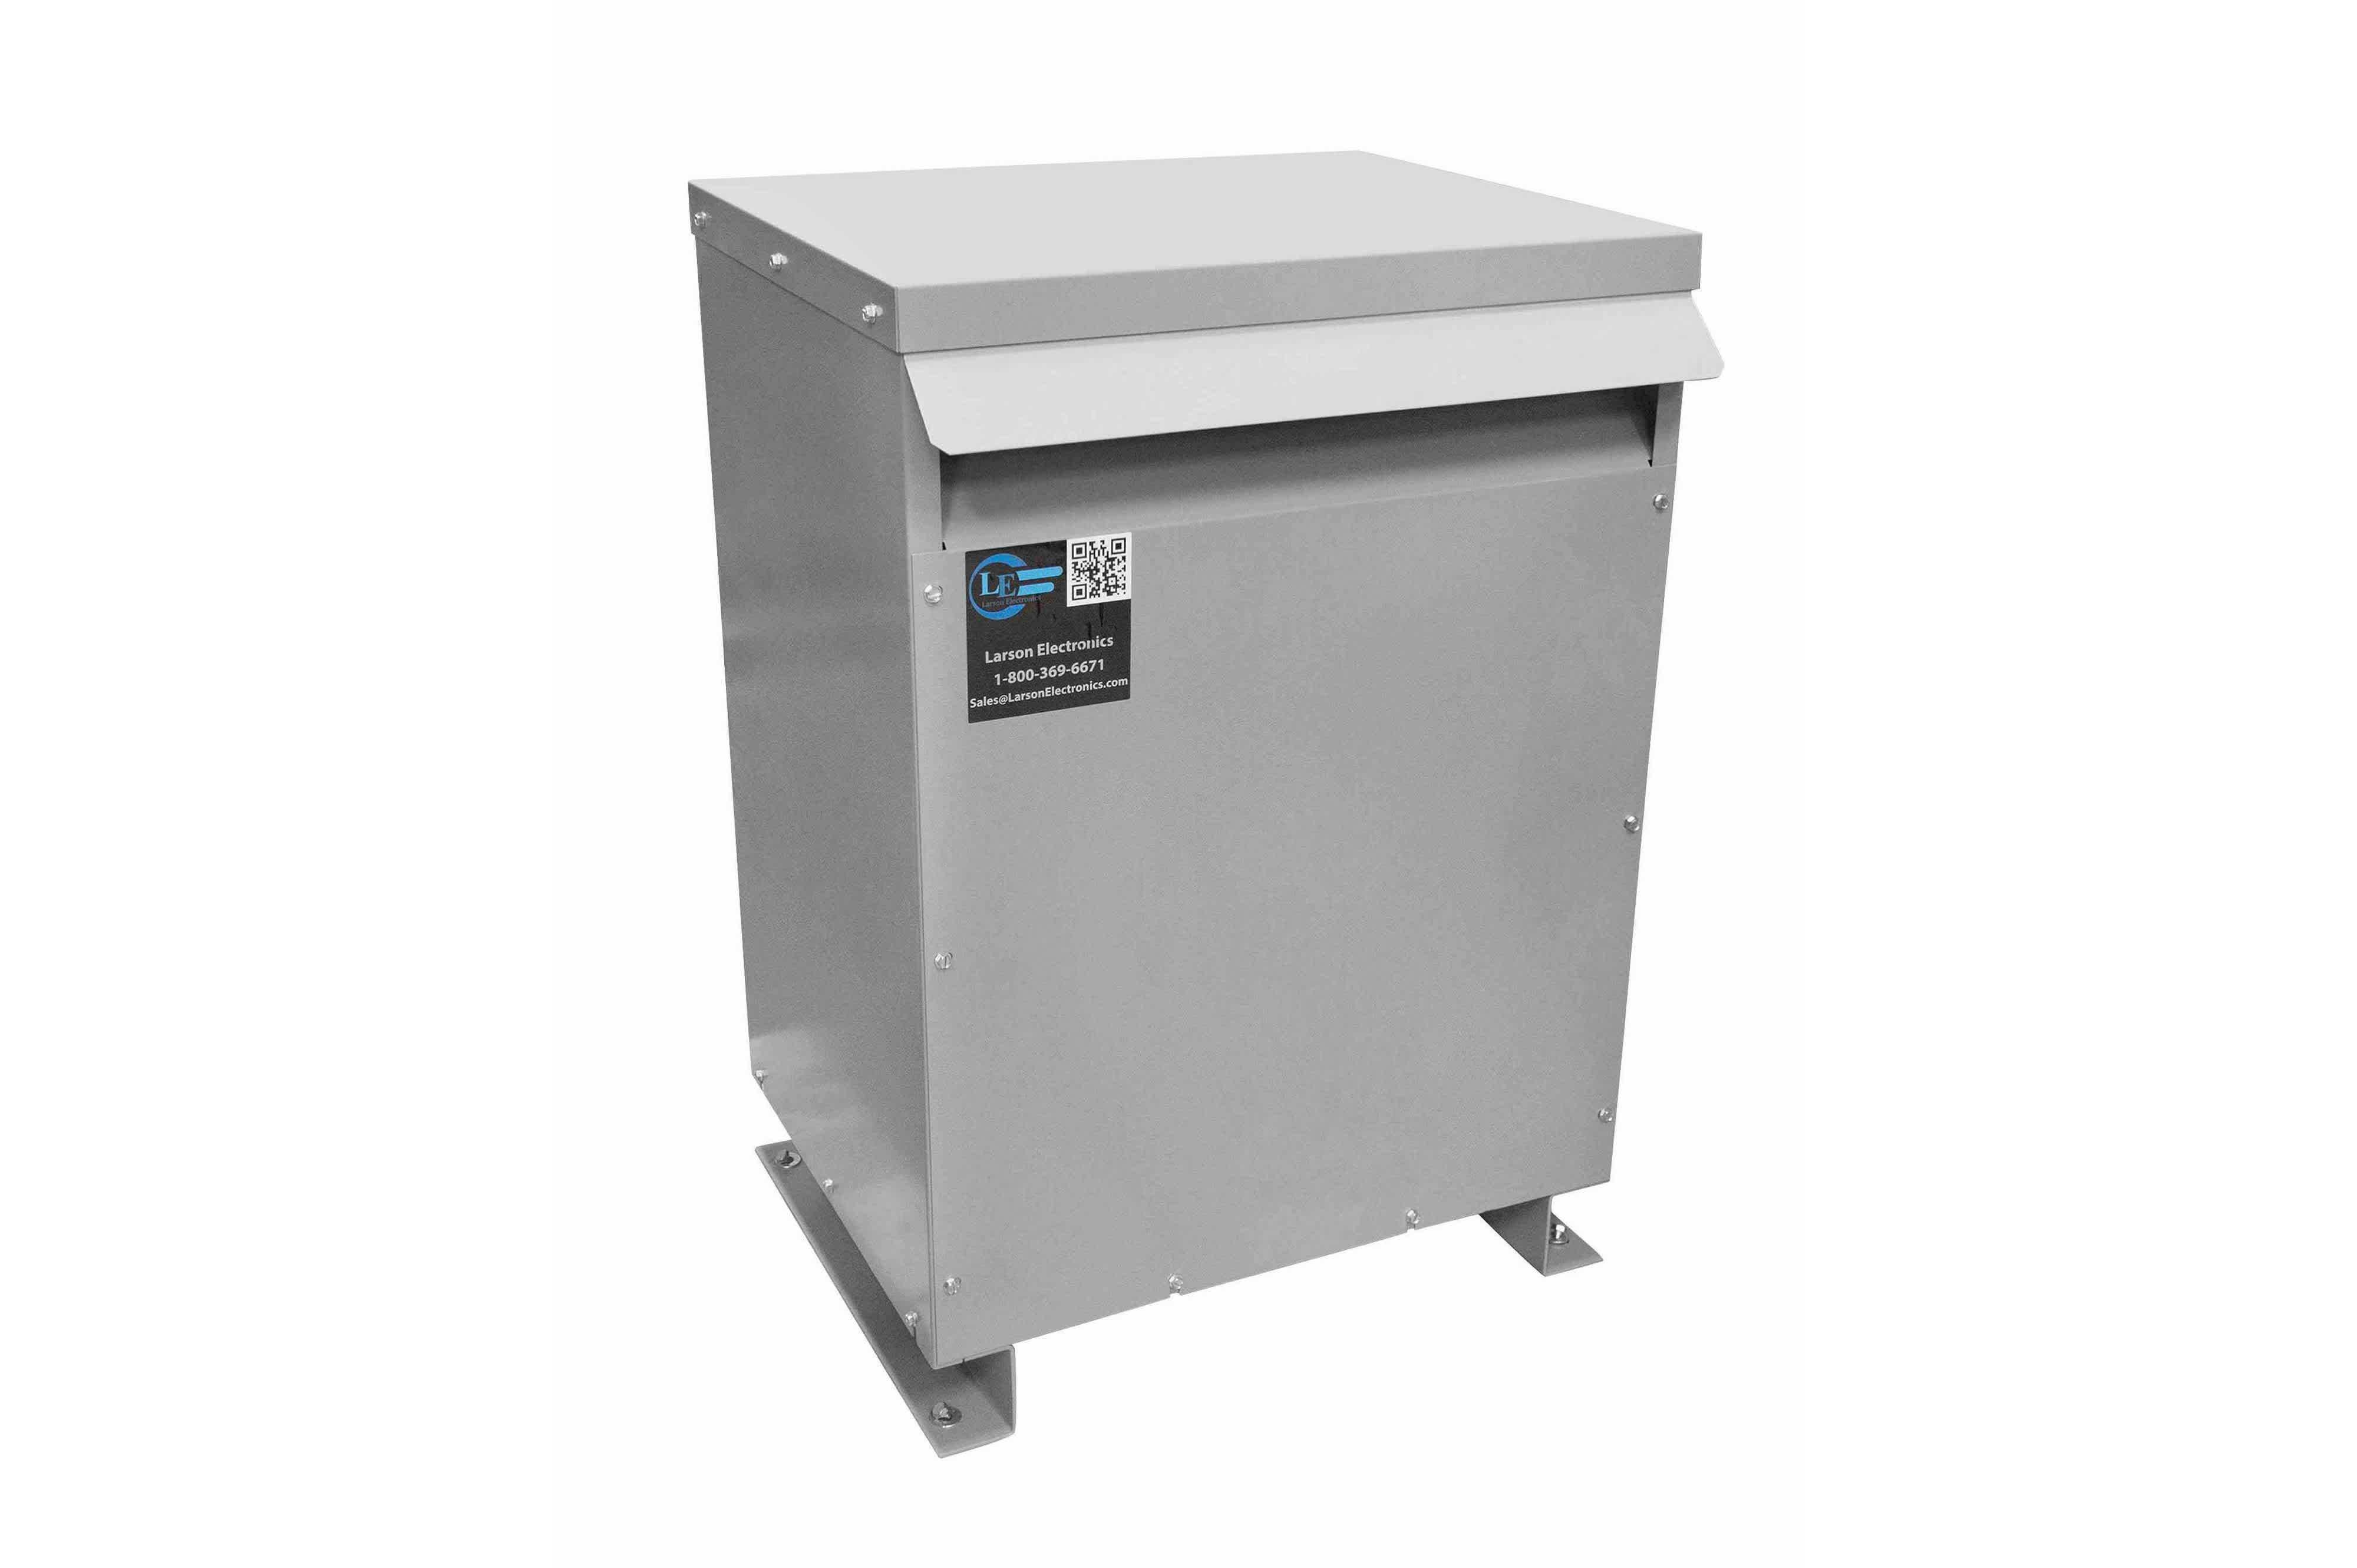 37.5 kVA 3PH Isolation Transformer, 400V Delta Primary, 208V Delta Secondary, N3R, Ventilated, 60 Hz